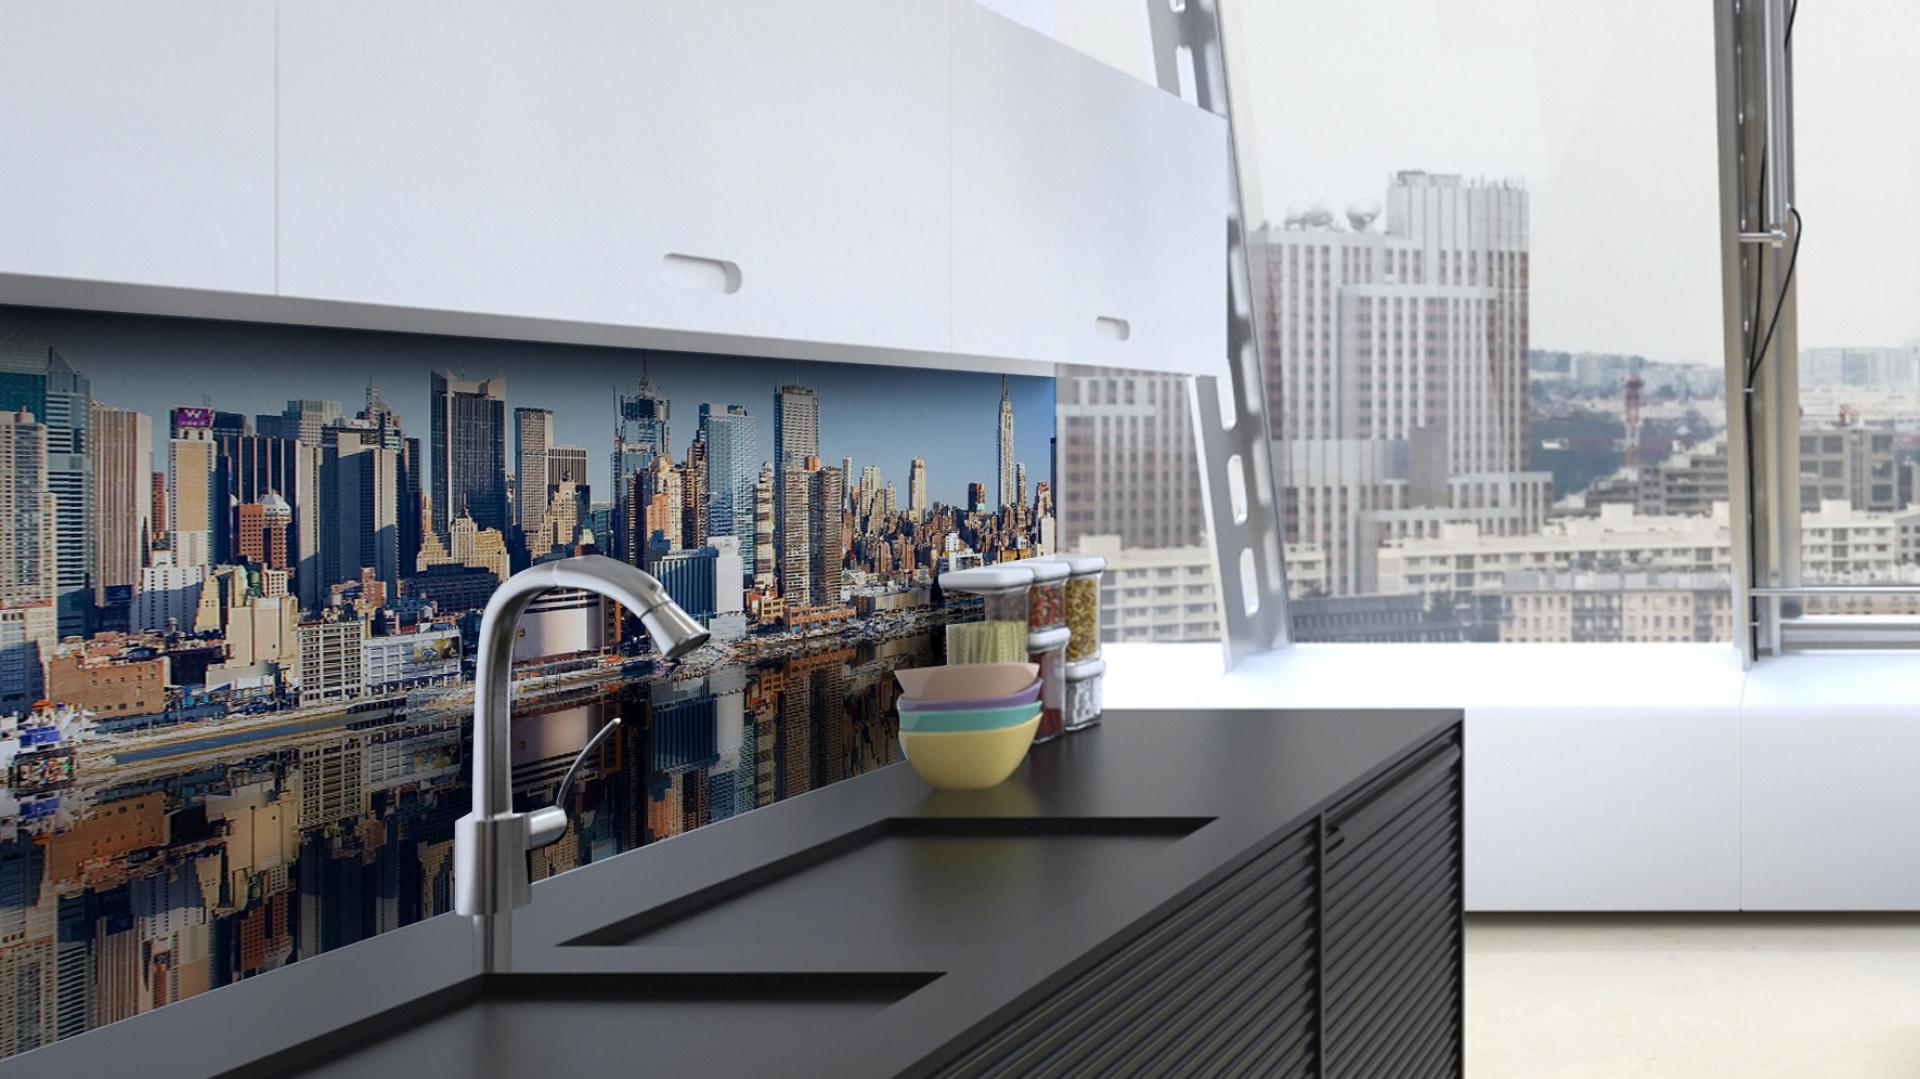 Panorama wielkiej metropolii wygląda pięknie również za dnia. Zwłaszcza, gdy różne kolory budowli i błękitne niebo urozmaicają czarno-biała, ultra-nowoczesną kuchnię. Fot. DecoMania.